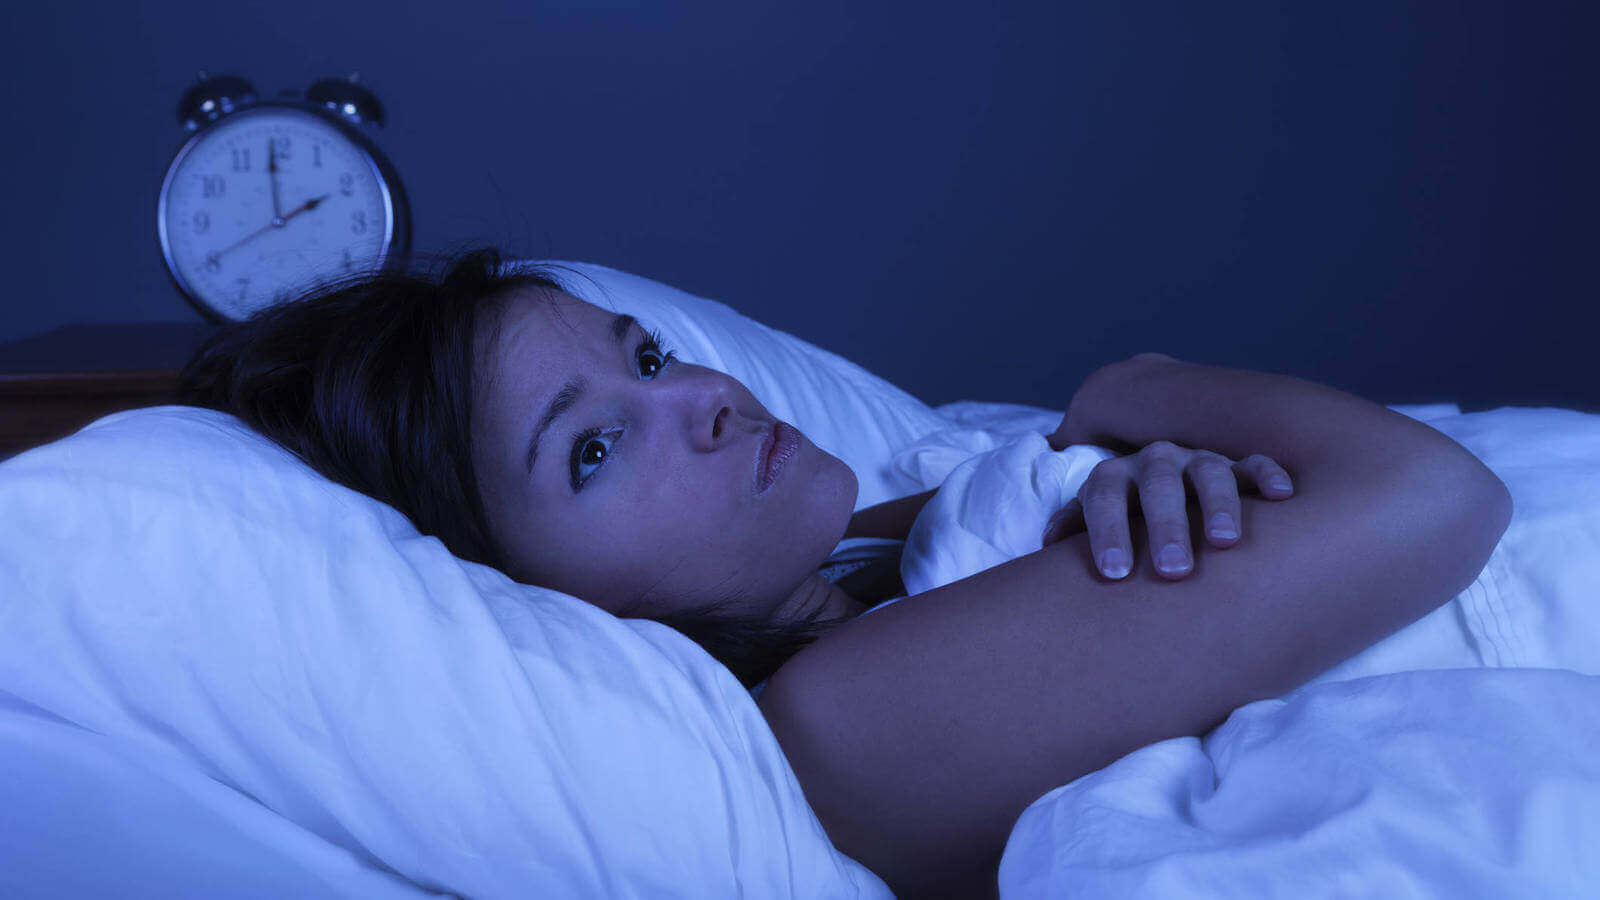 διαταραχές του θυρεοειδούς - Γυναίκα με αϋπνία